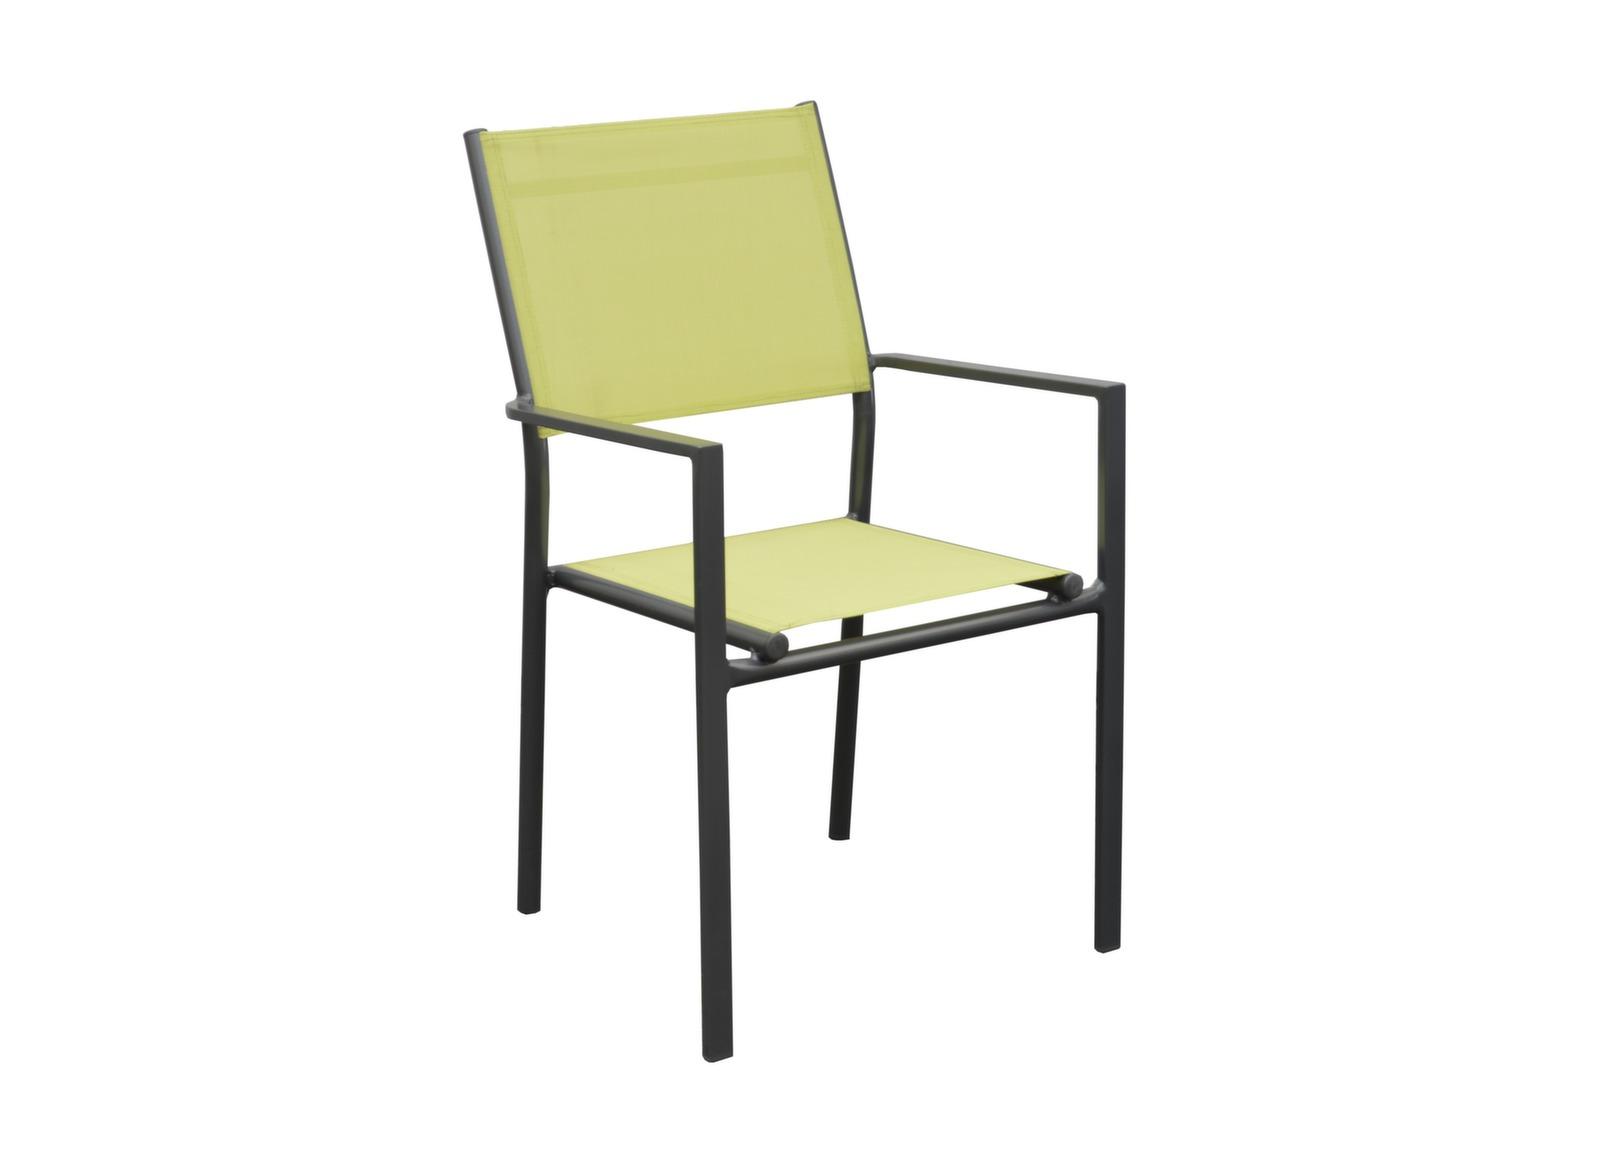 fauteuil de jardin gris et vert anis thema proloisirs. Black Bedroom Furniture Sets. Home Design Ideas